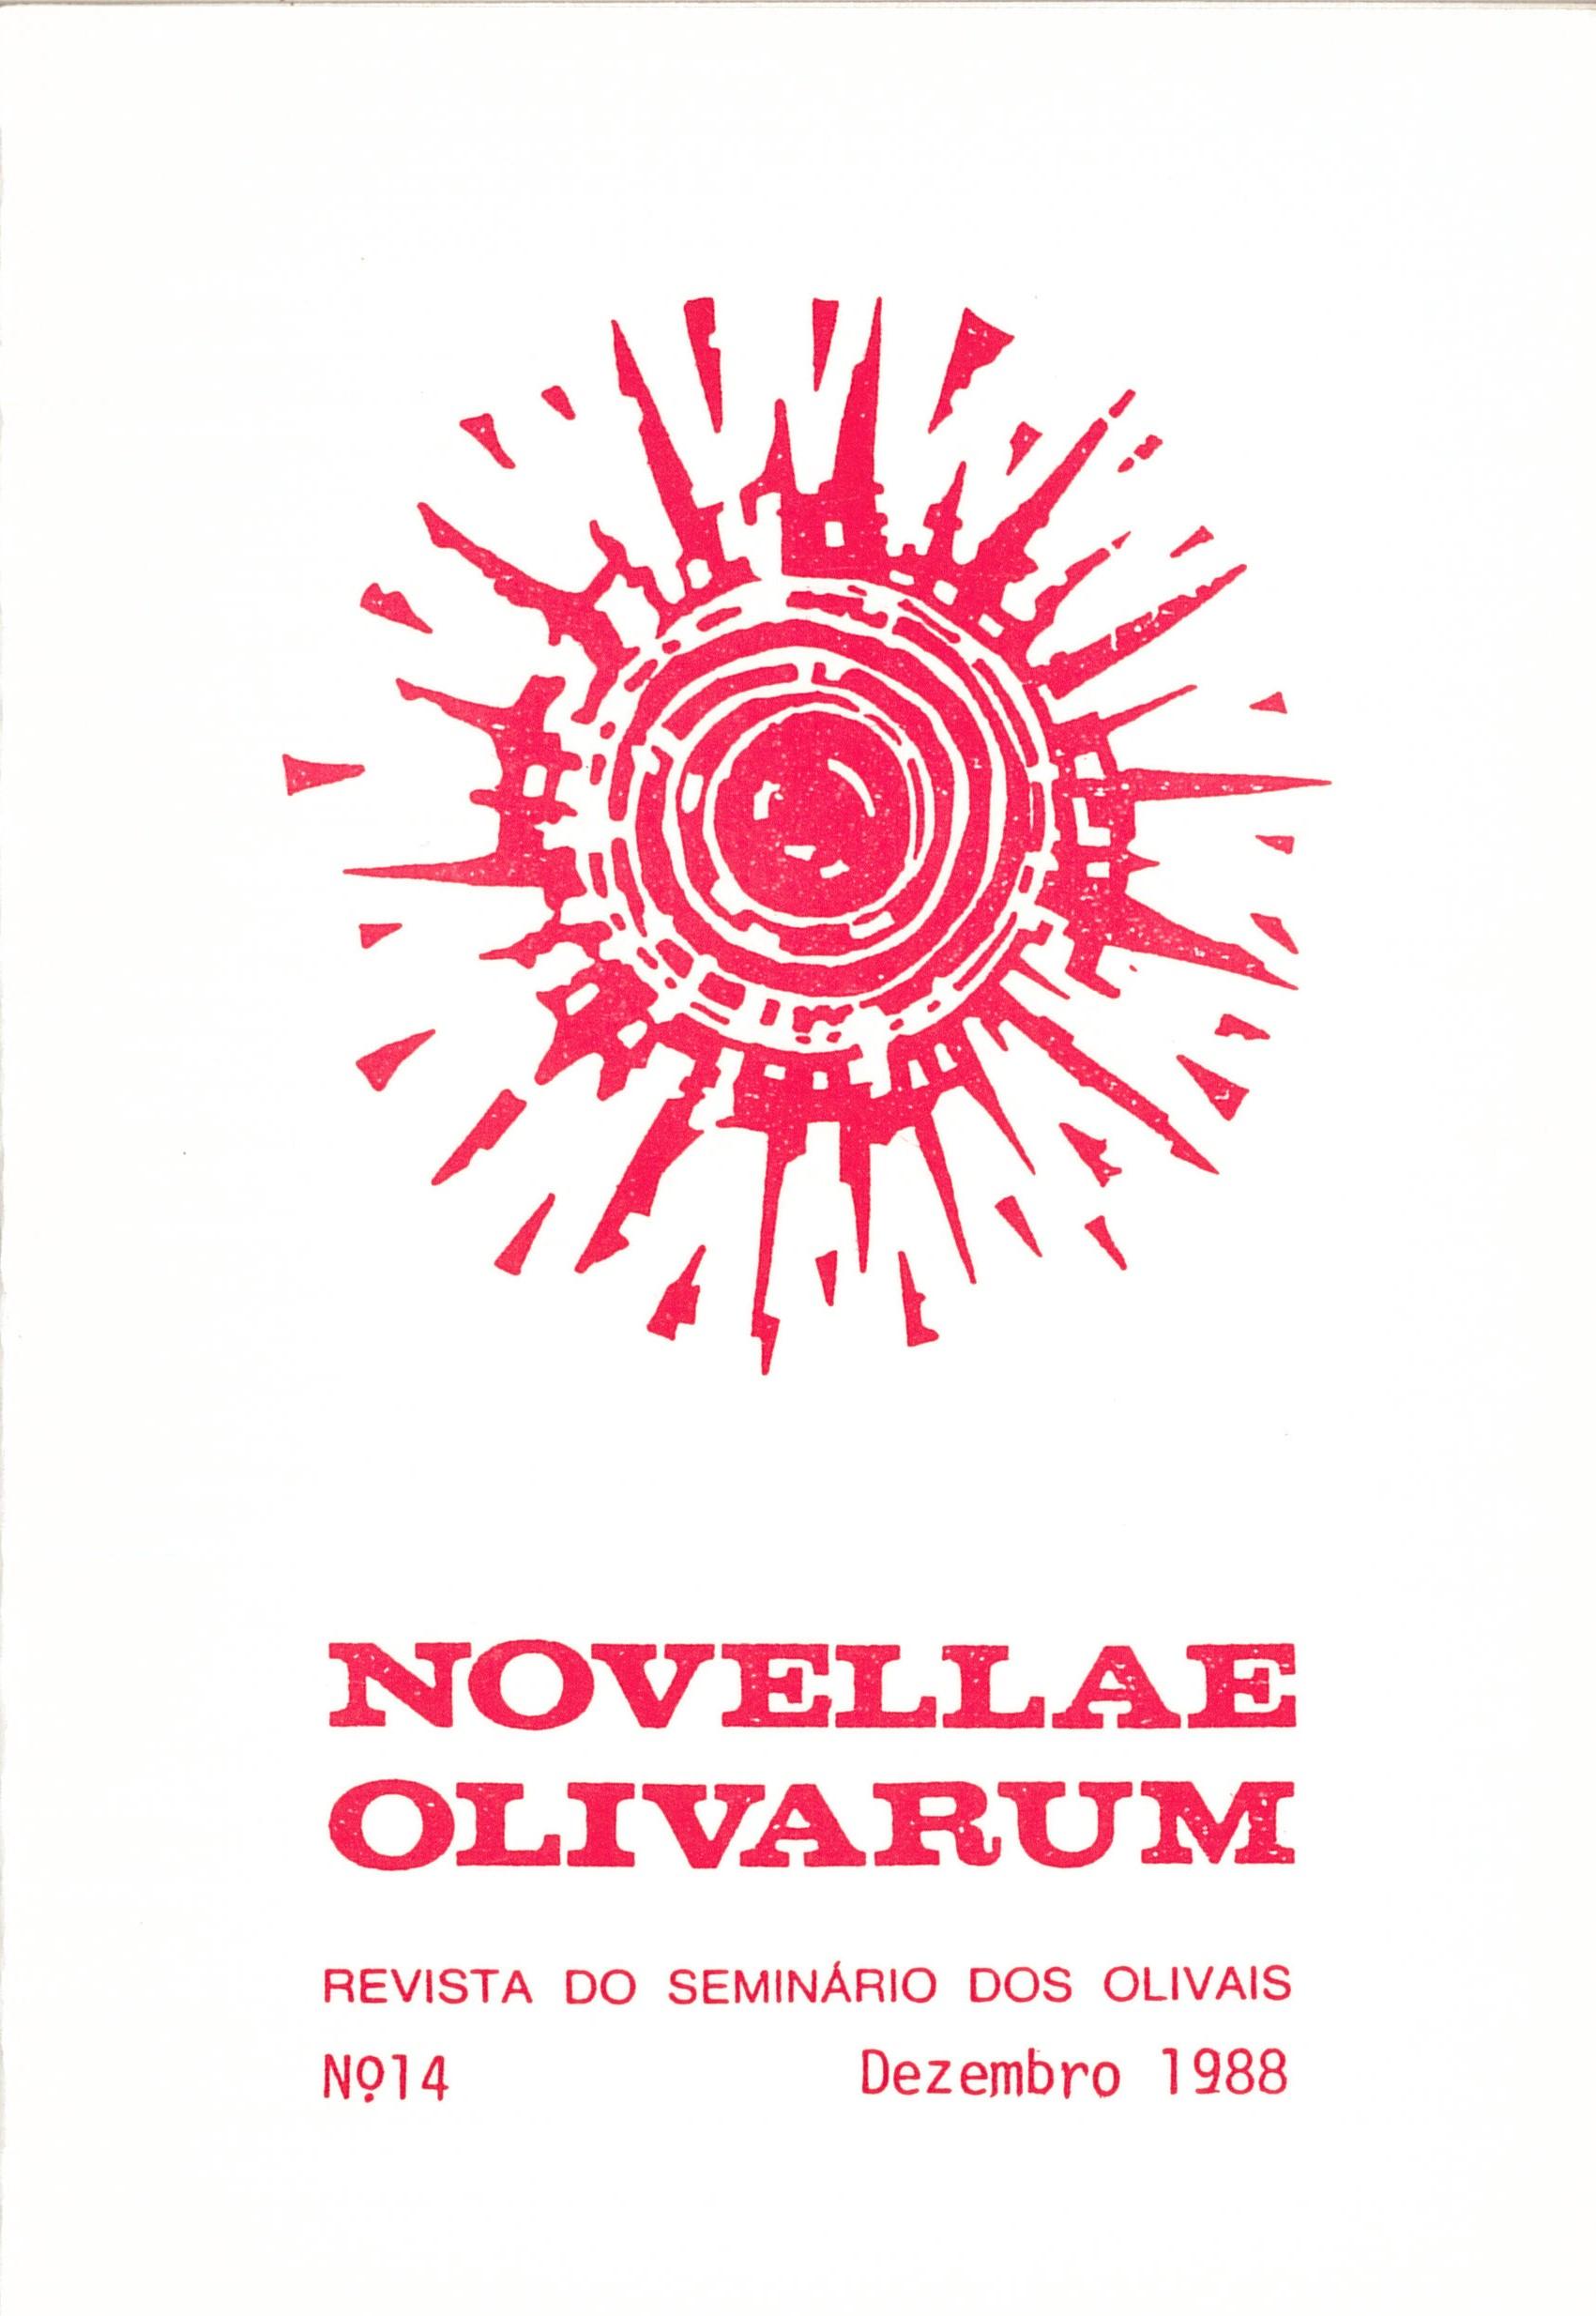 Revista Novellae Olivarum, nº 14 - Dezembro de 1988 (capa)